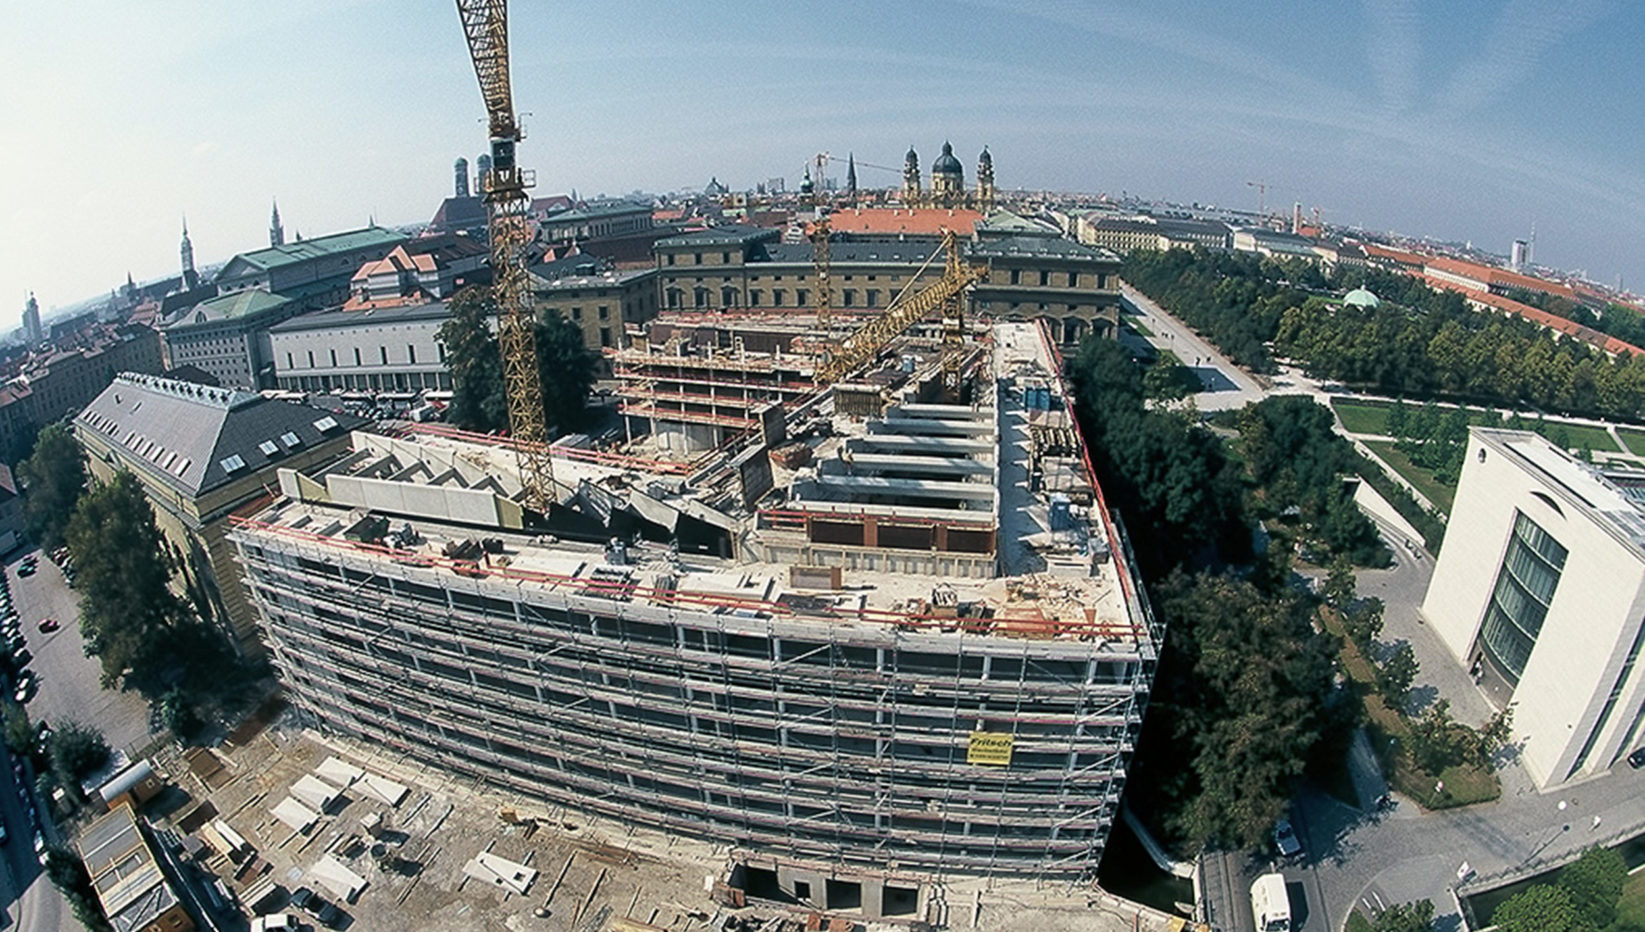 Luftaufnahme auf das Gebäude der Generalverwaltung der Max-Planck-Gesellschaft vor Fertigstellung des Rohbaus. Zu sehen ist die Montage der Sheddach-Fertigteilträger.